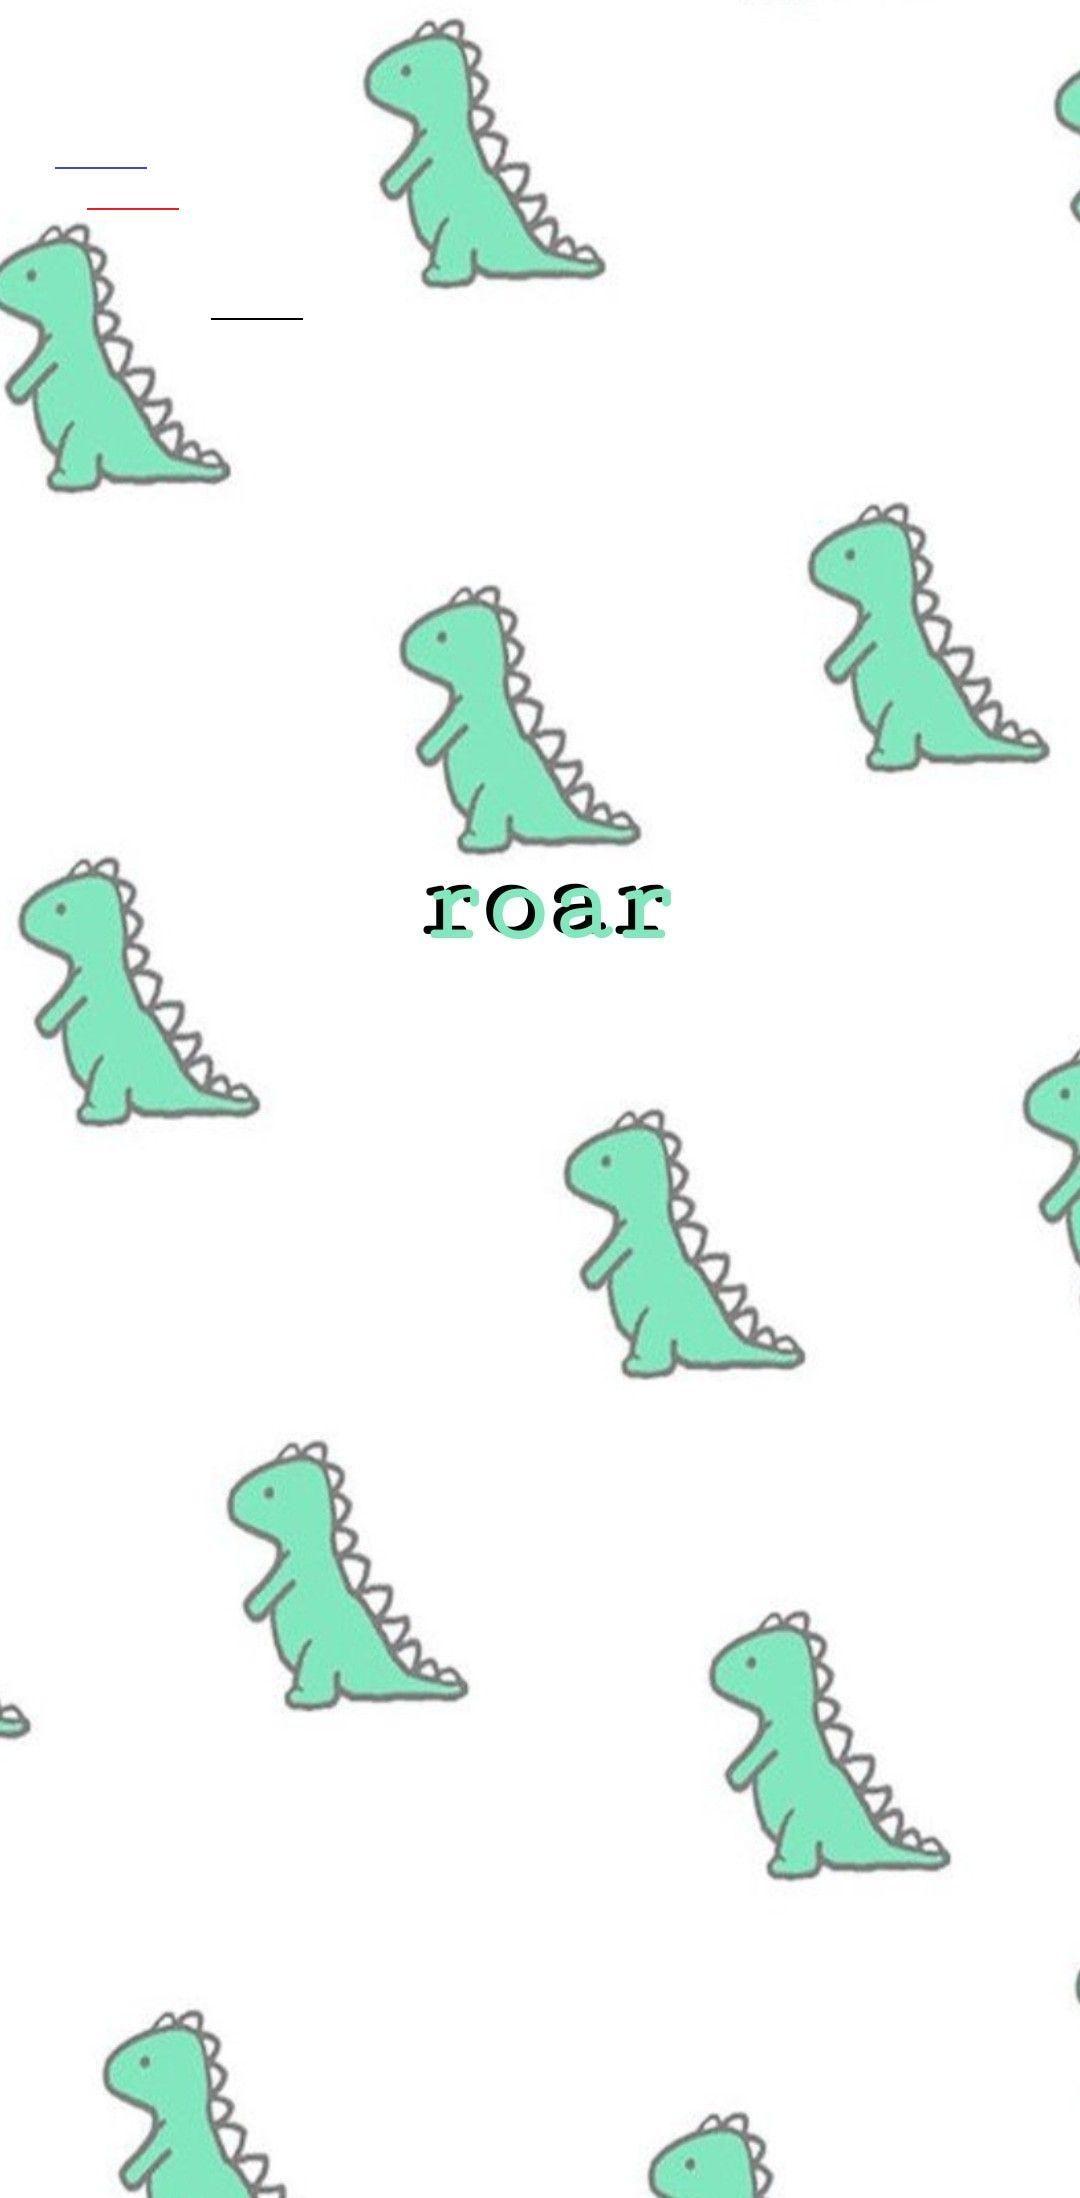 Cute Dinosaur Phone Wallpaper Vscohintergrundbilder Kawaii Wallpaper Dinosaur Wallpaper Kawaii Dinosaur